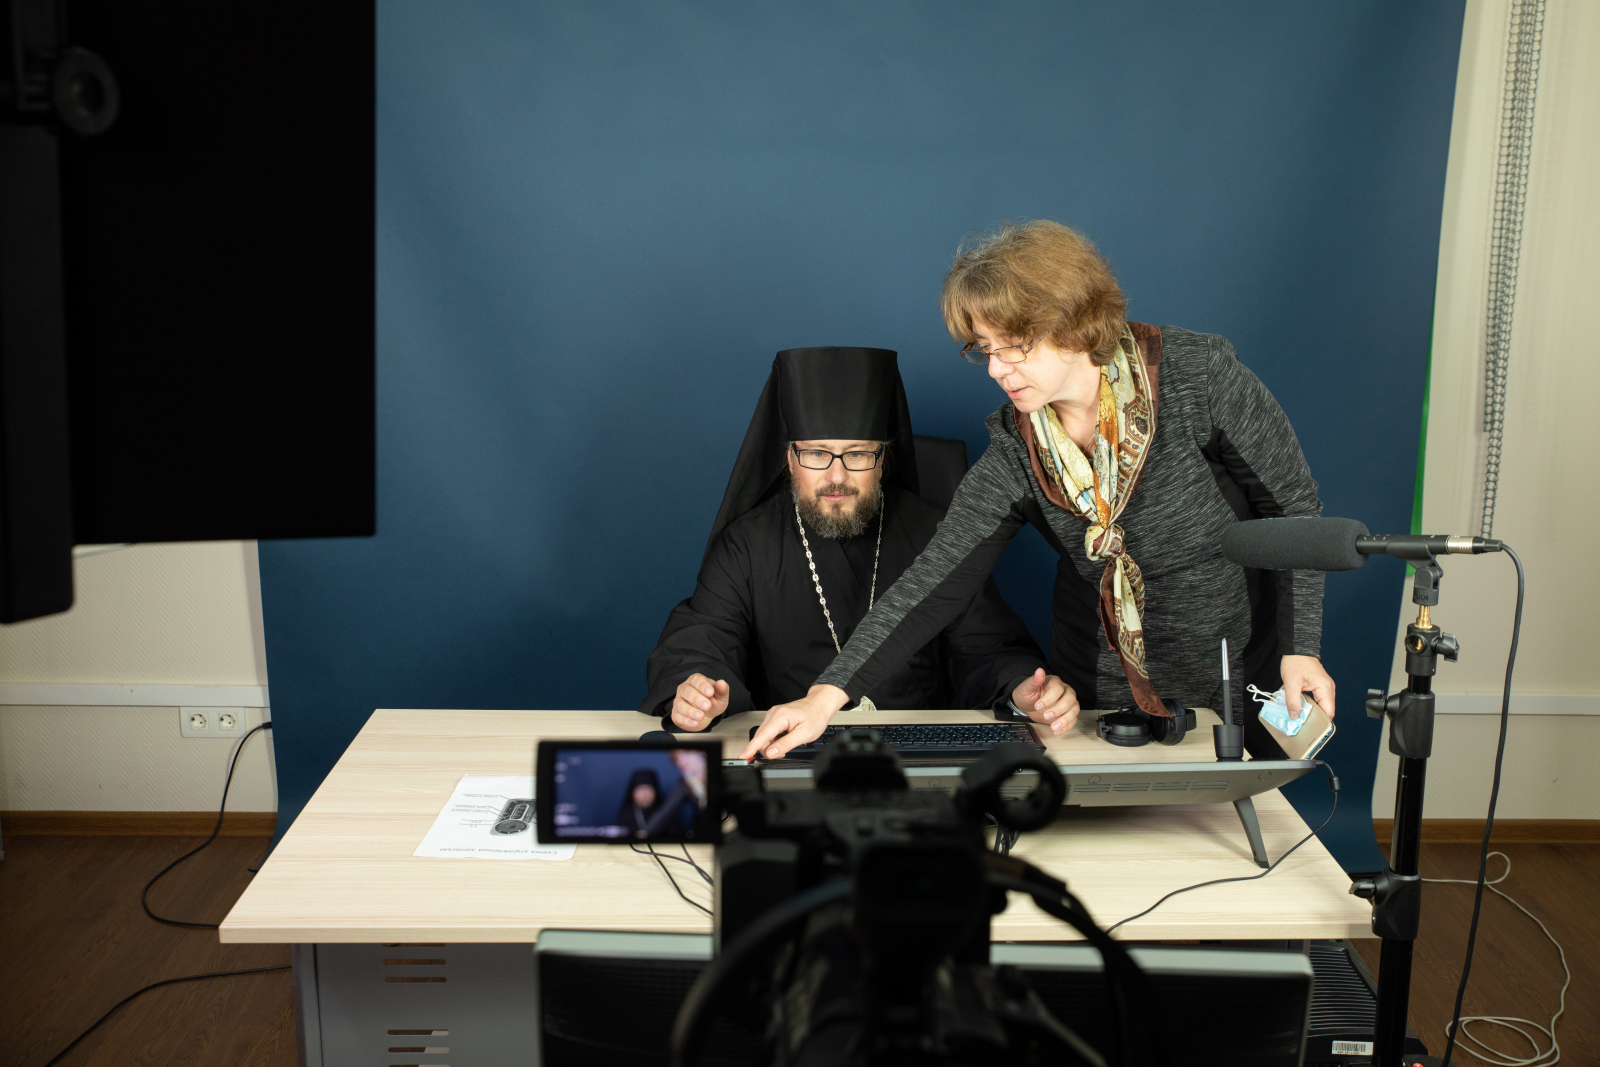 Митрополит Санкт-Петербургский и Ладожский Варсонофий посетил СПбПУ